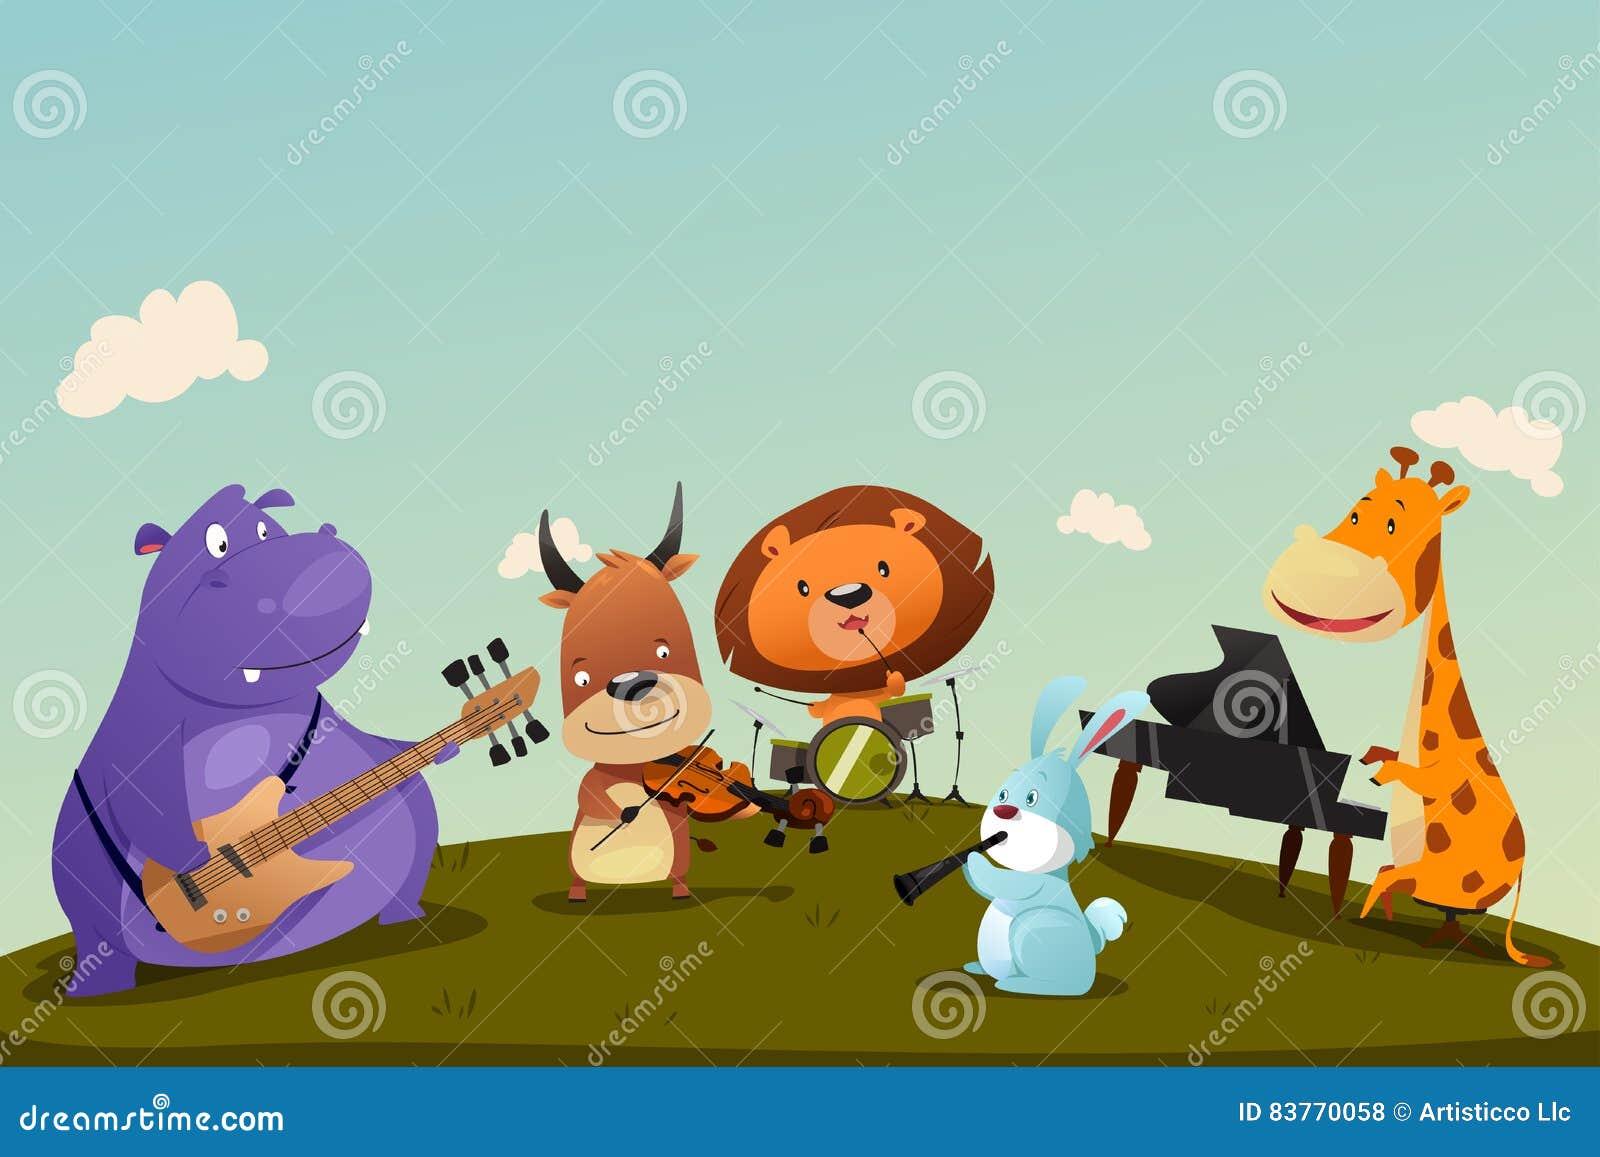 Ζώα που παίζουν το όργανο μουσικής σε μια ζώνη